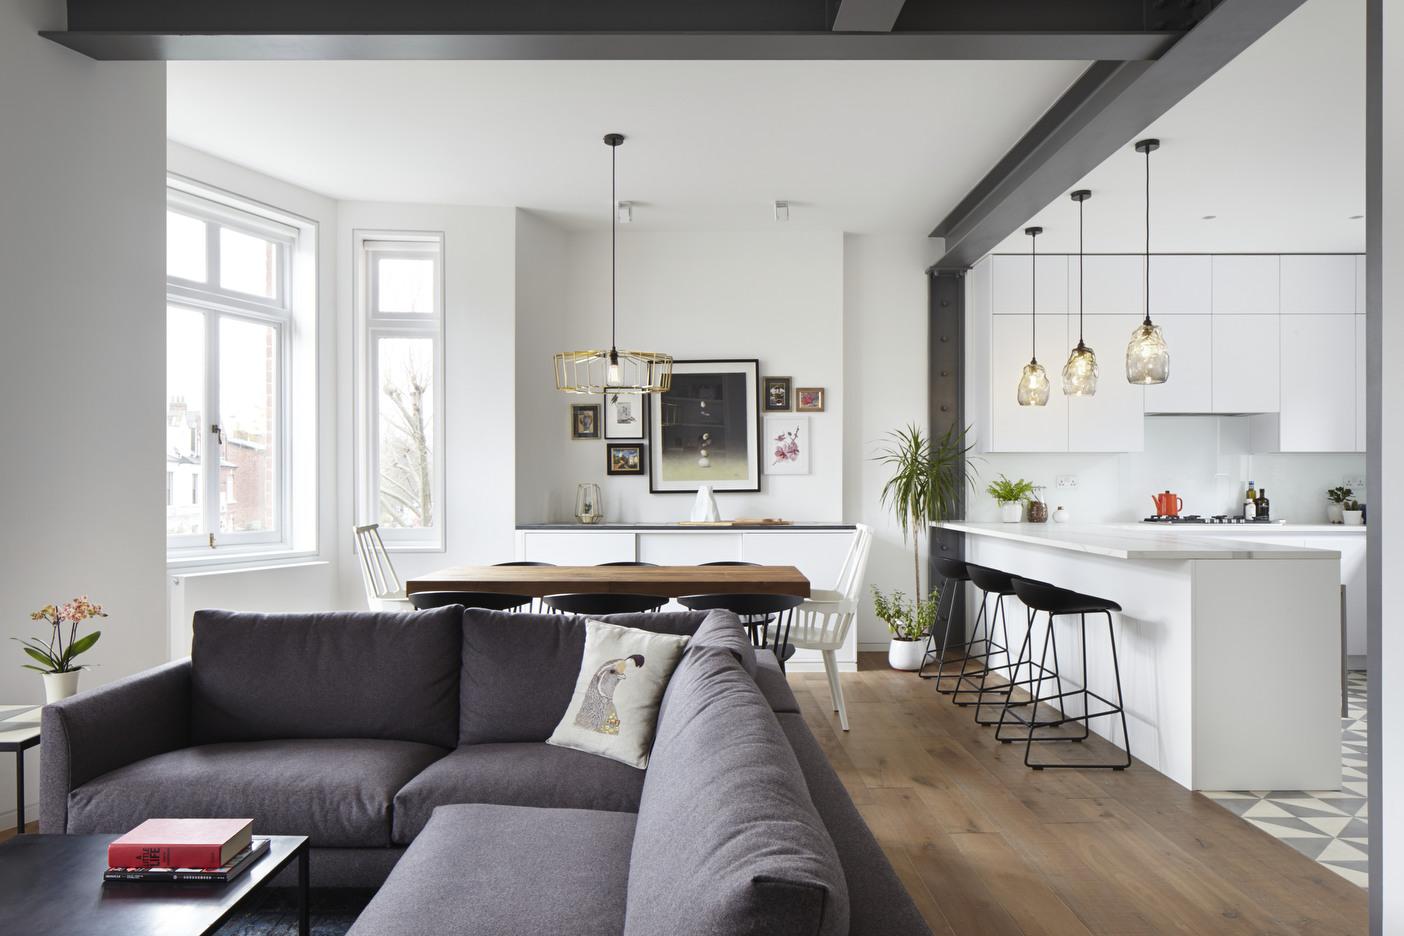 Rinnovare la zona giorno glenshaw mansions dello studio for Casa moderna zurigo